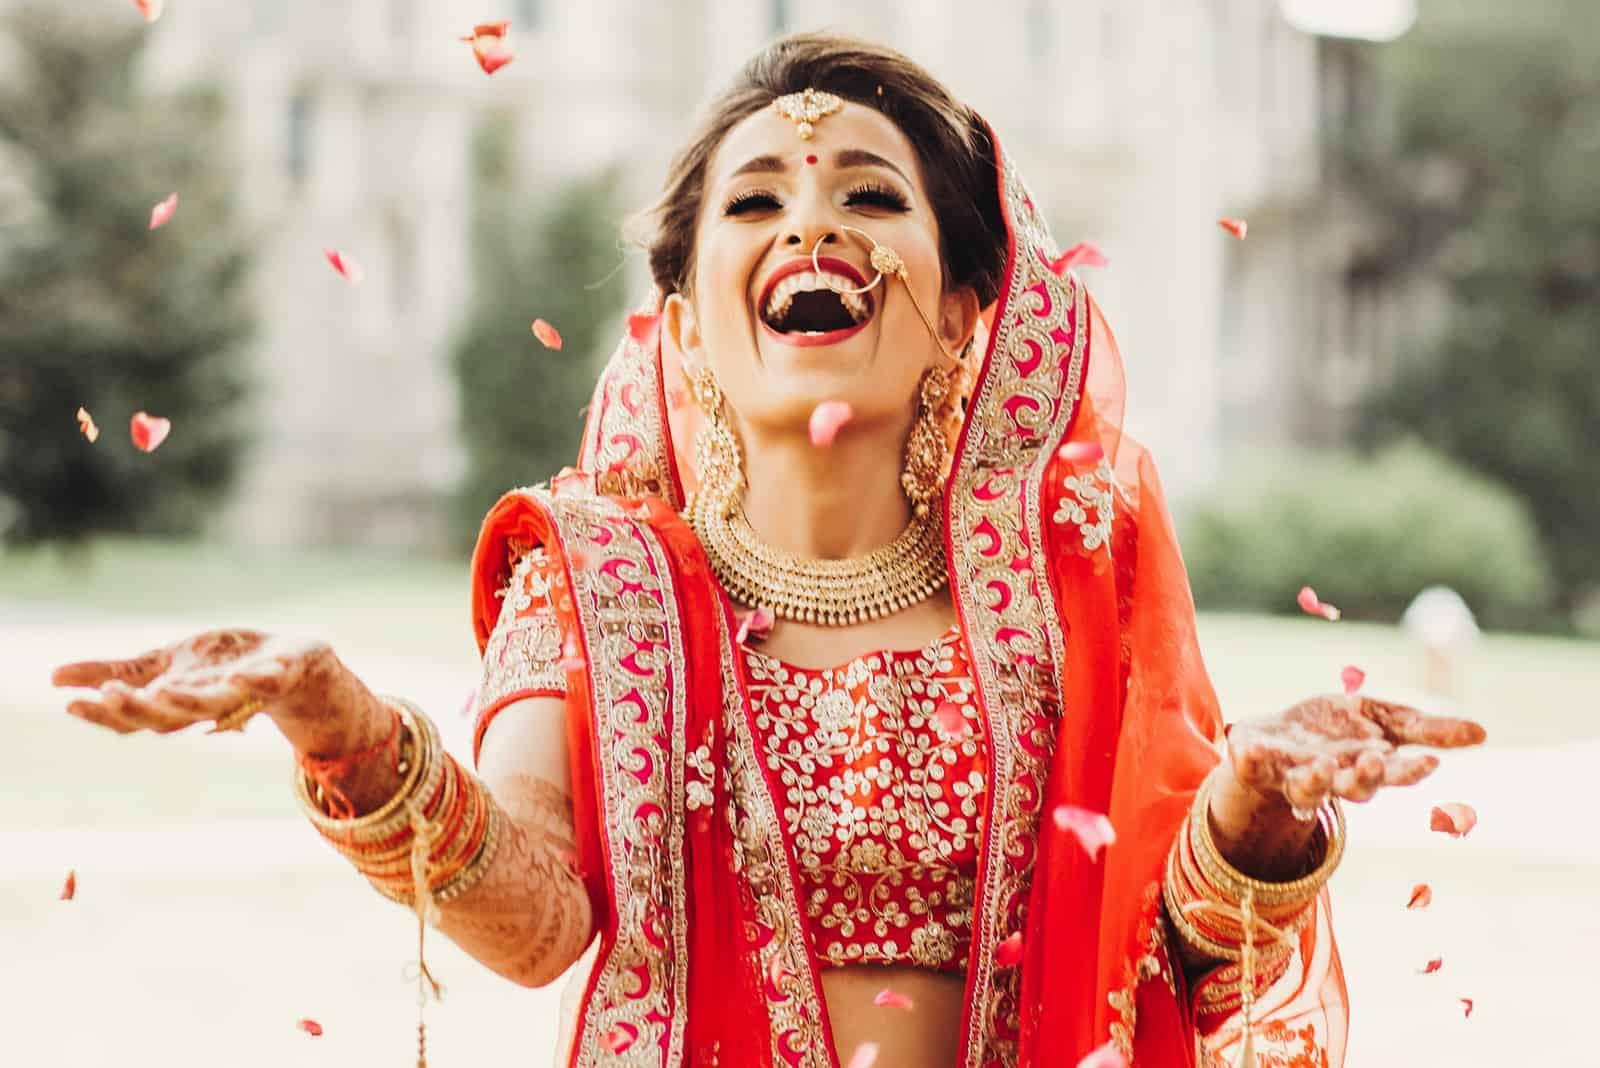 Atemberaubende indische Braut